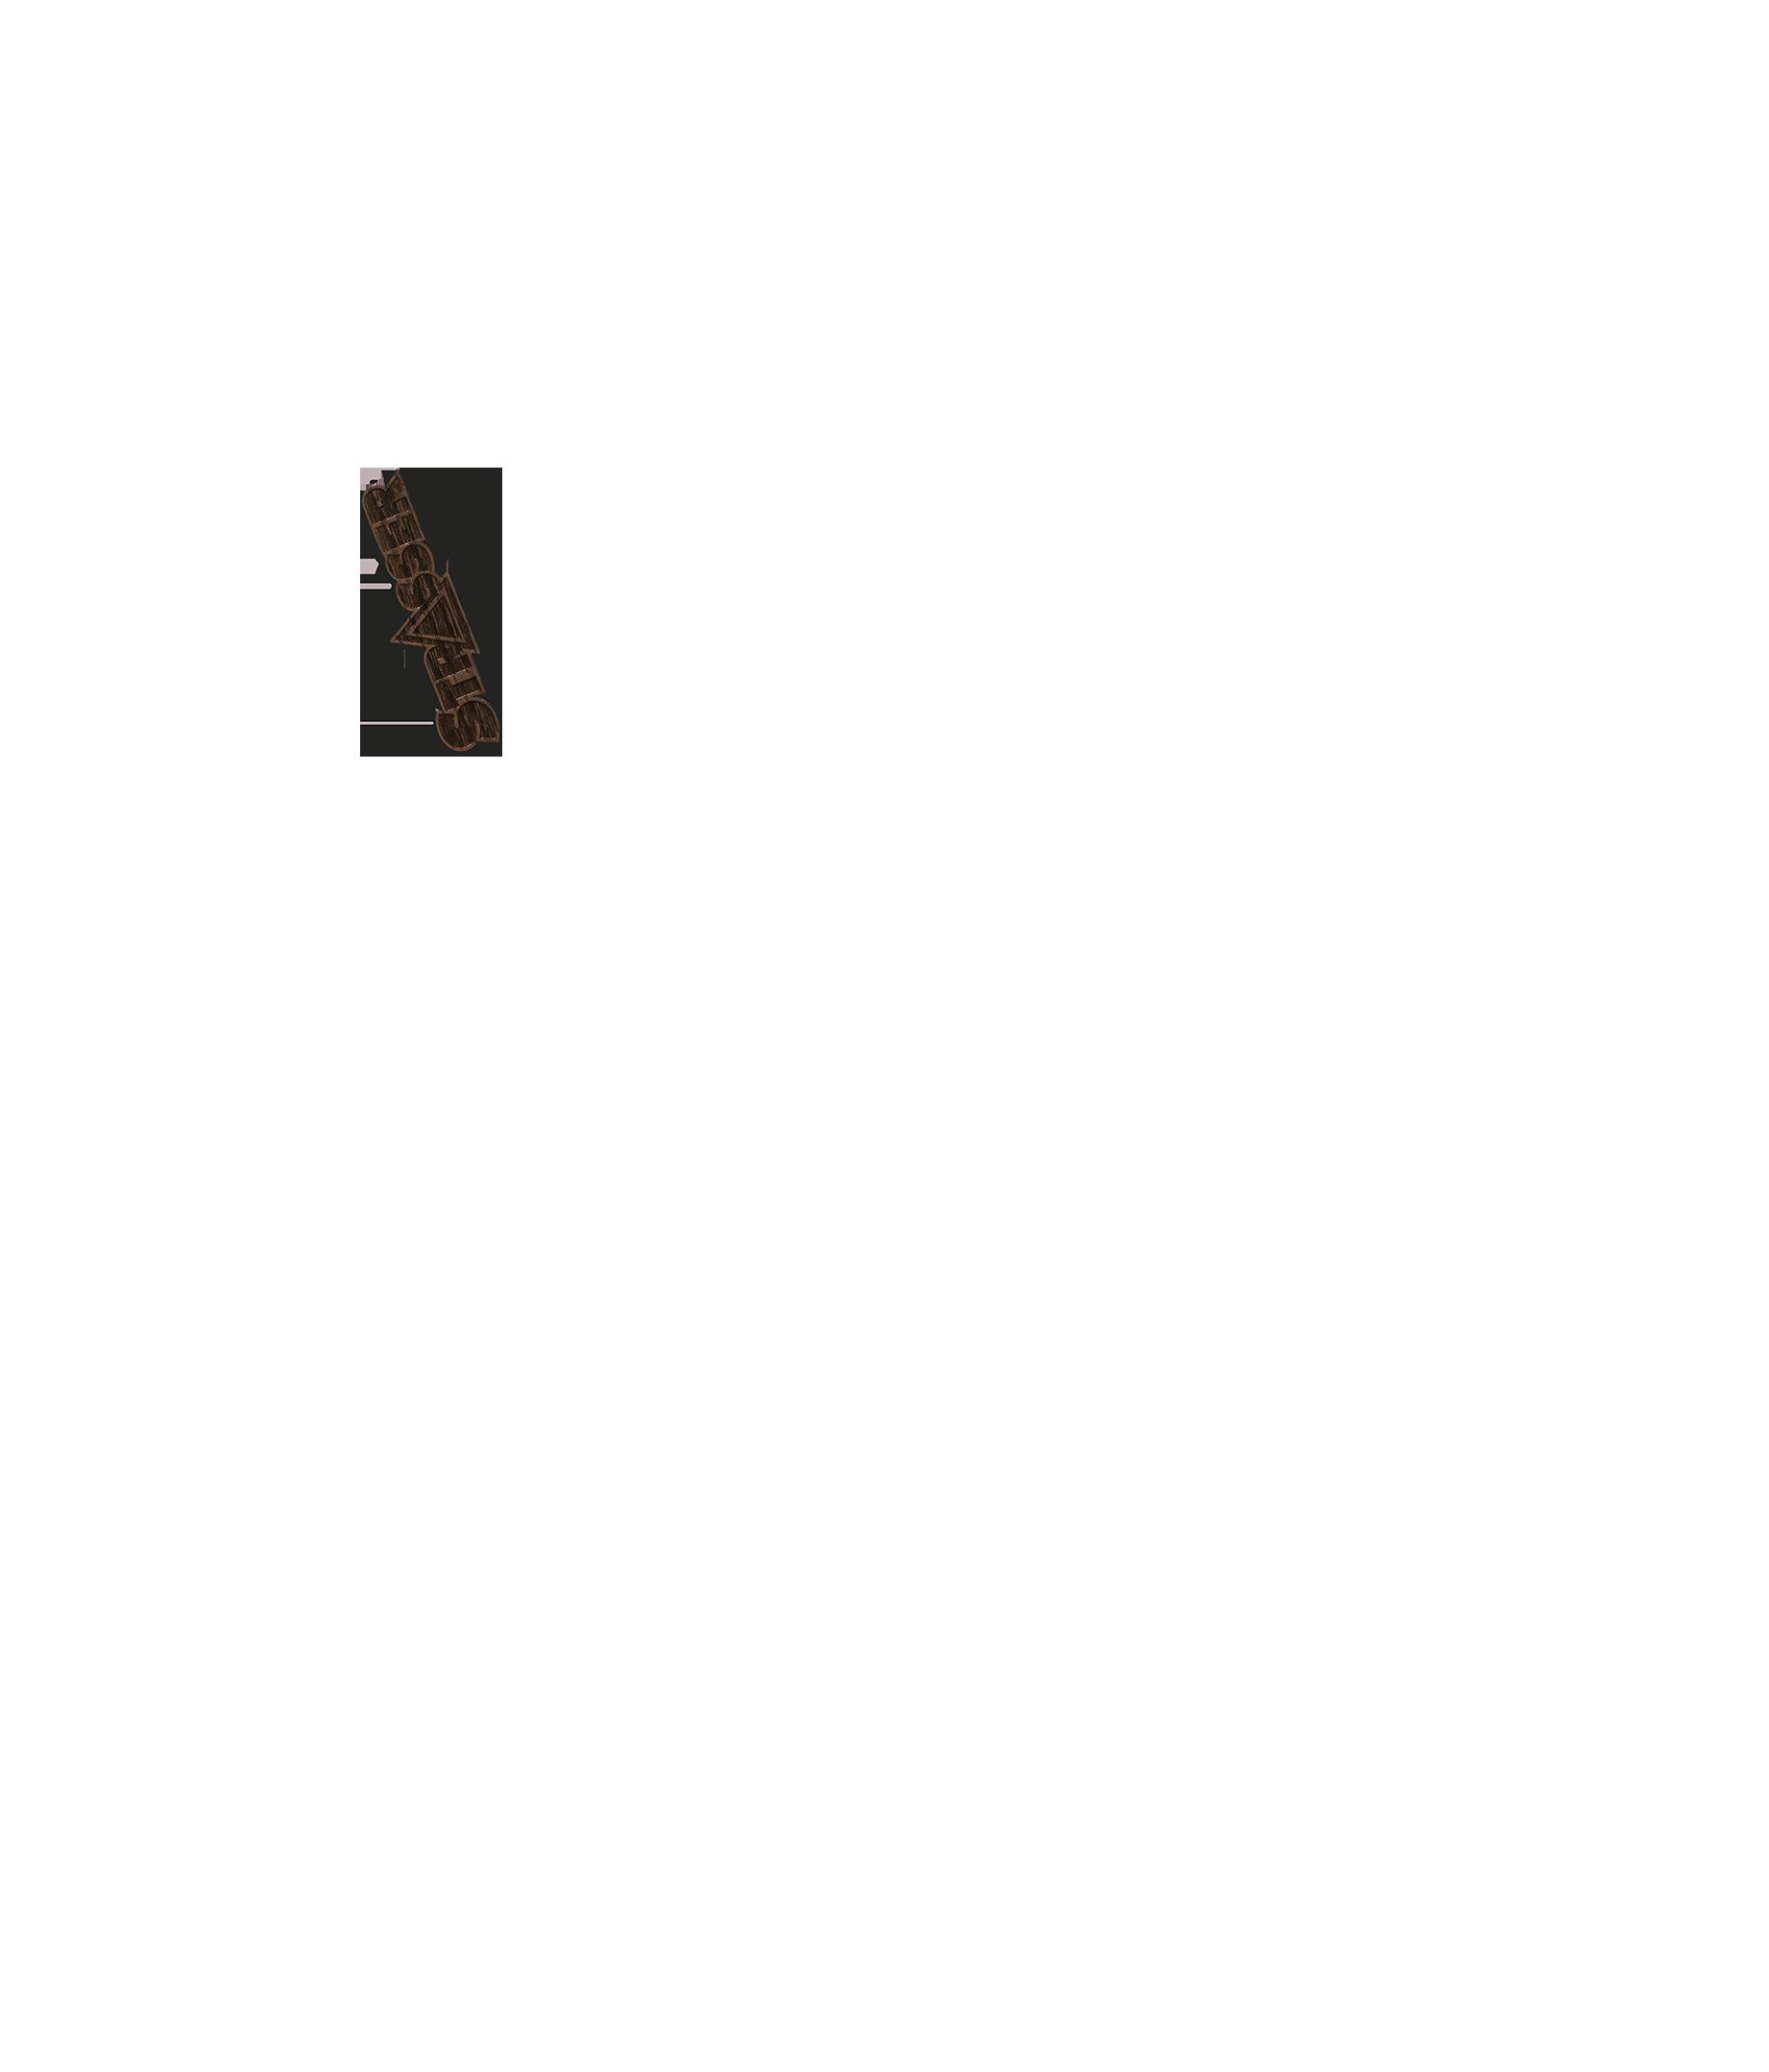 Räuchereiche Dunkel